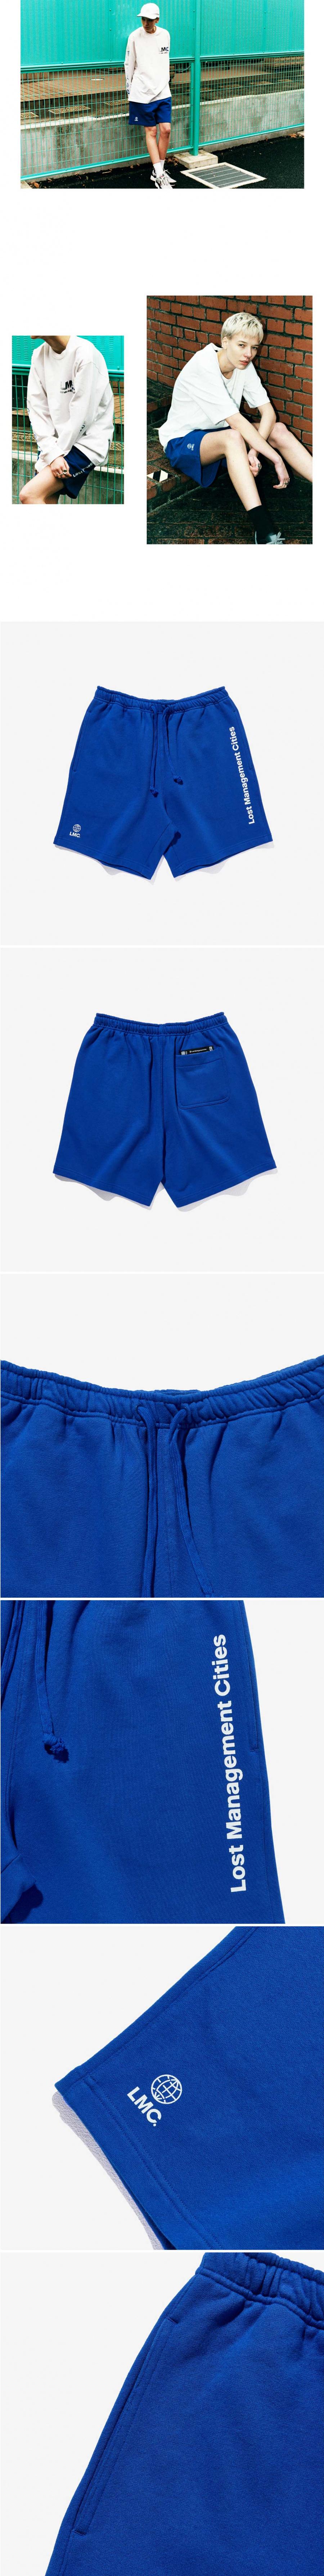 엘엠씨(LMC) LMC LOGO SWEAT SHORTS royal blue